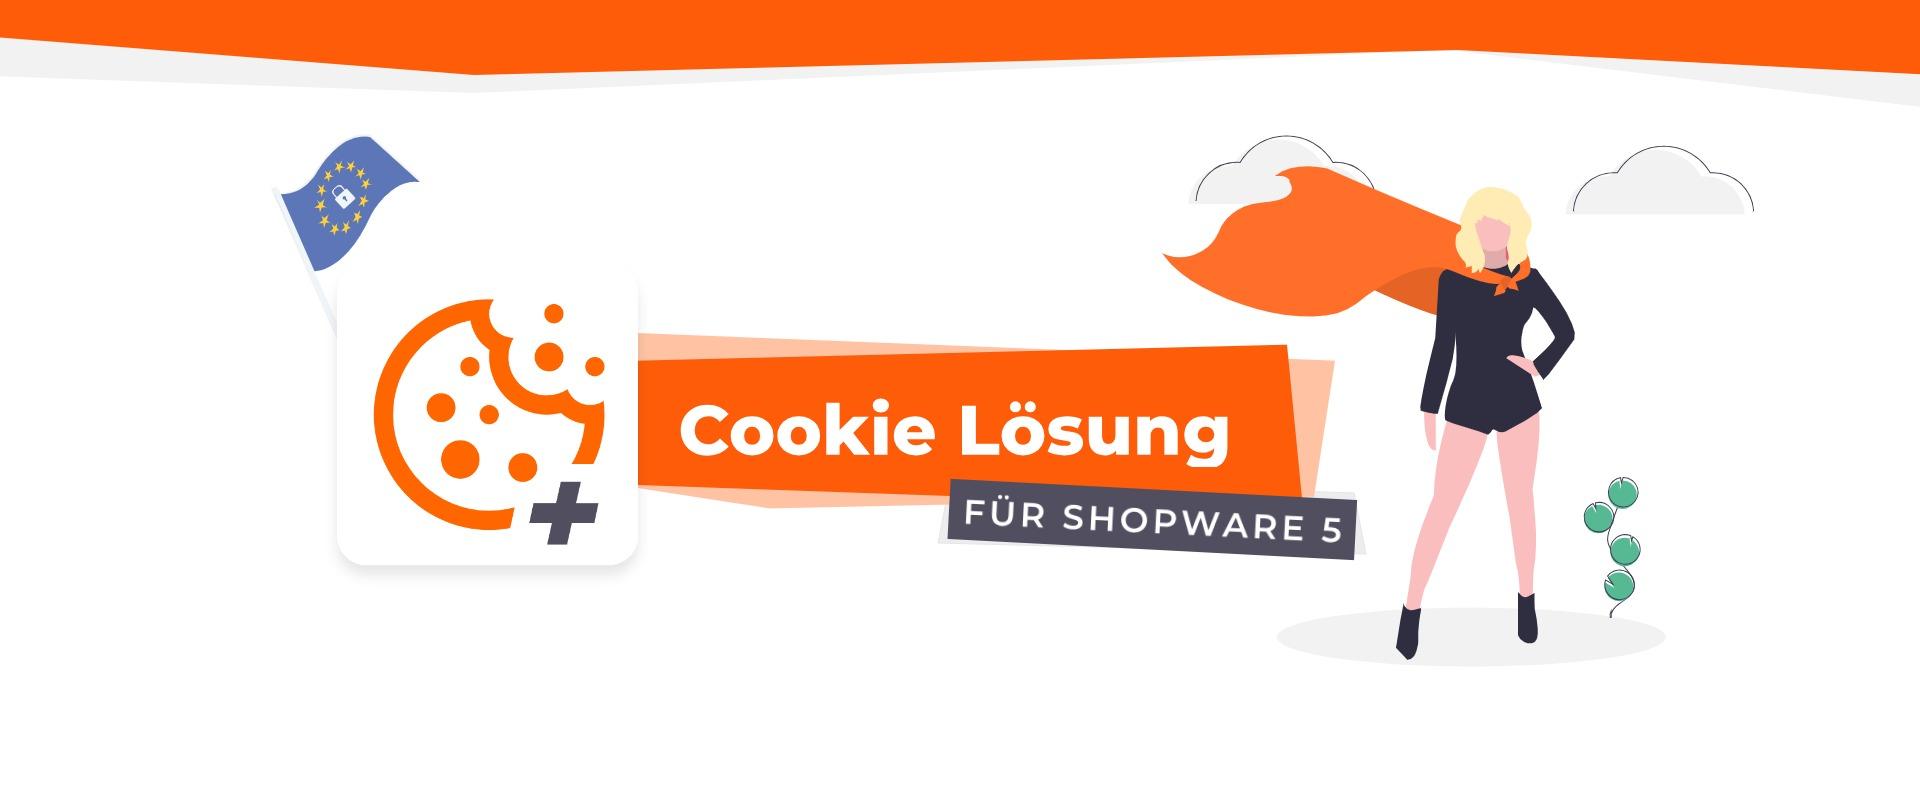 Cookie Consent Manager Plugin für Shopware 5 veröffentlicht